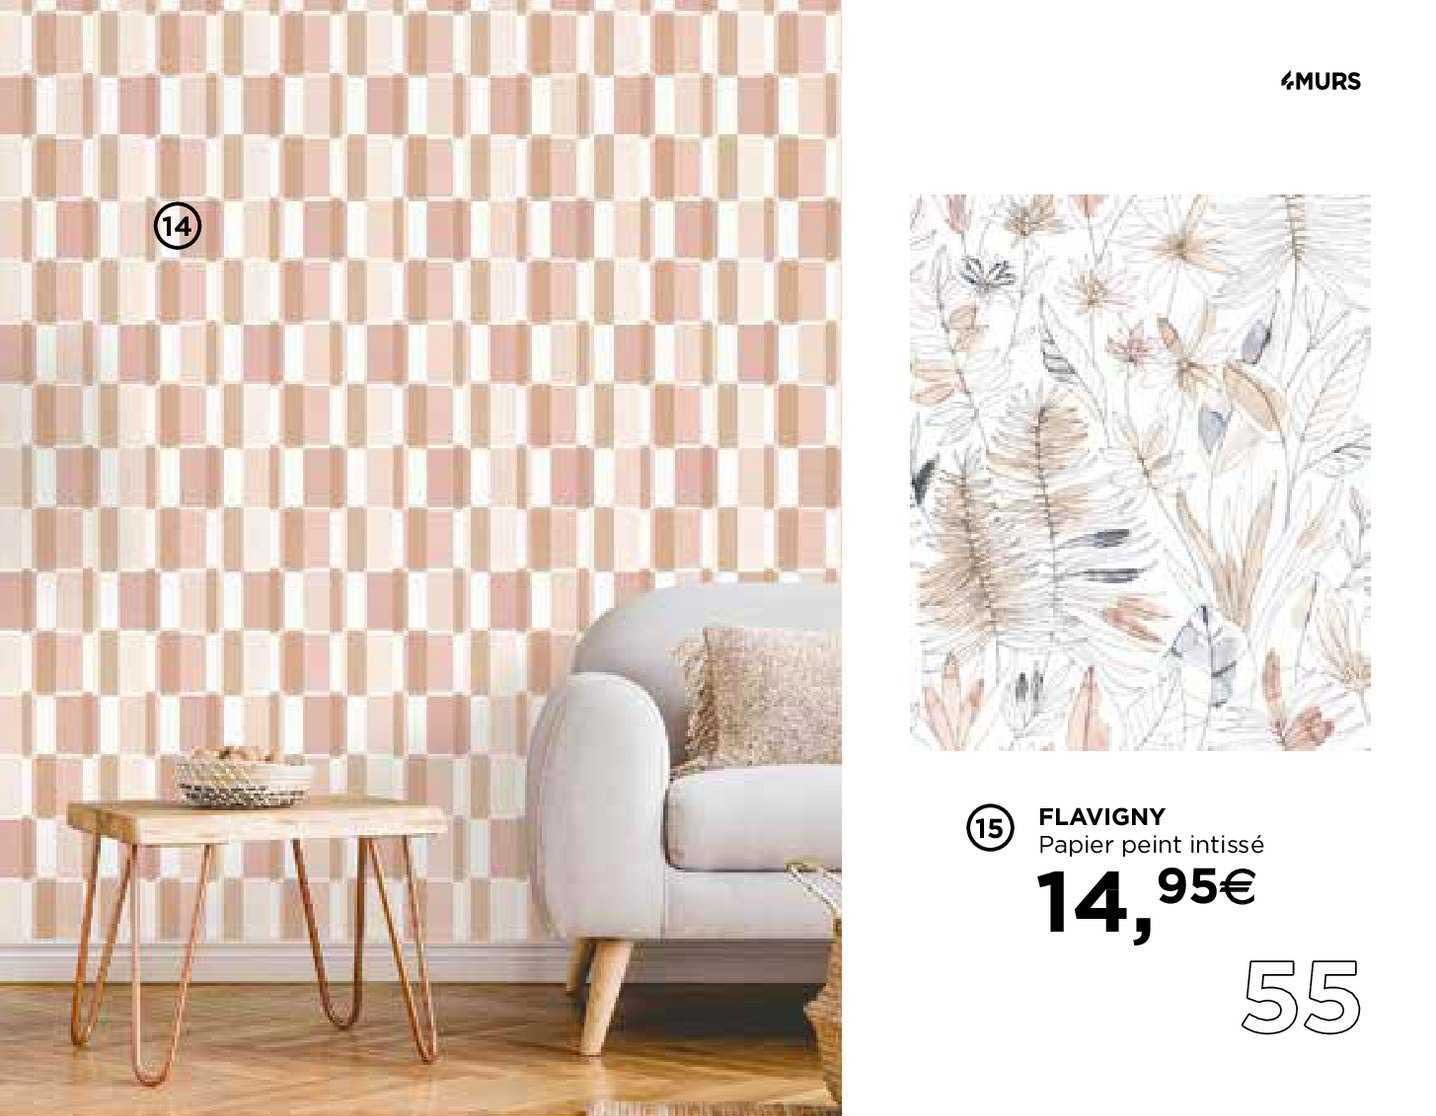 4 Murs Flavigny Papier Peint Intissé